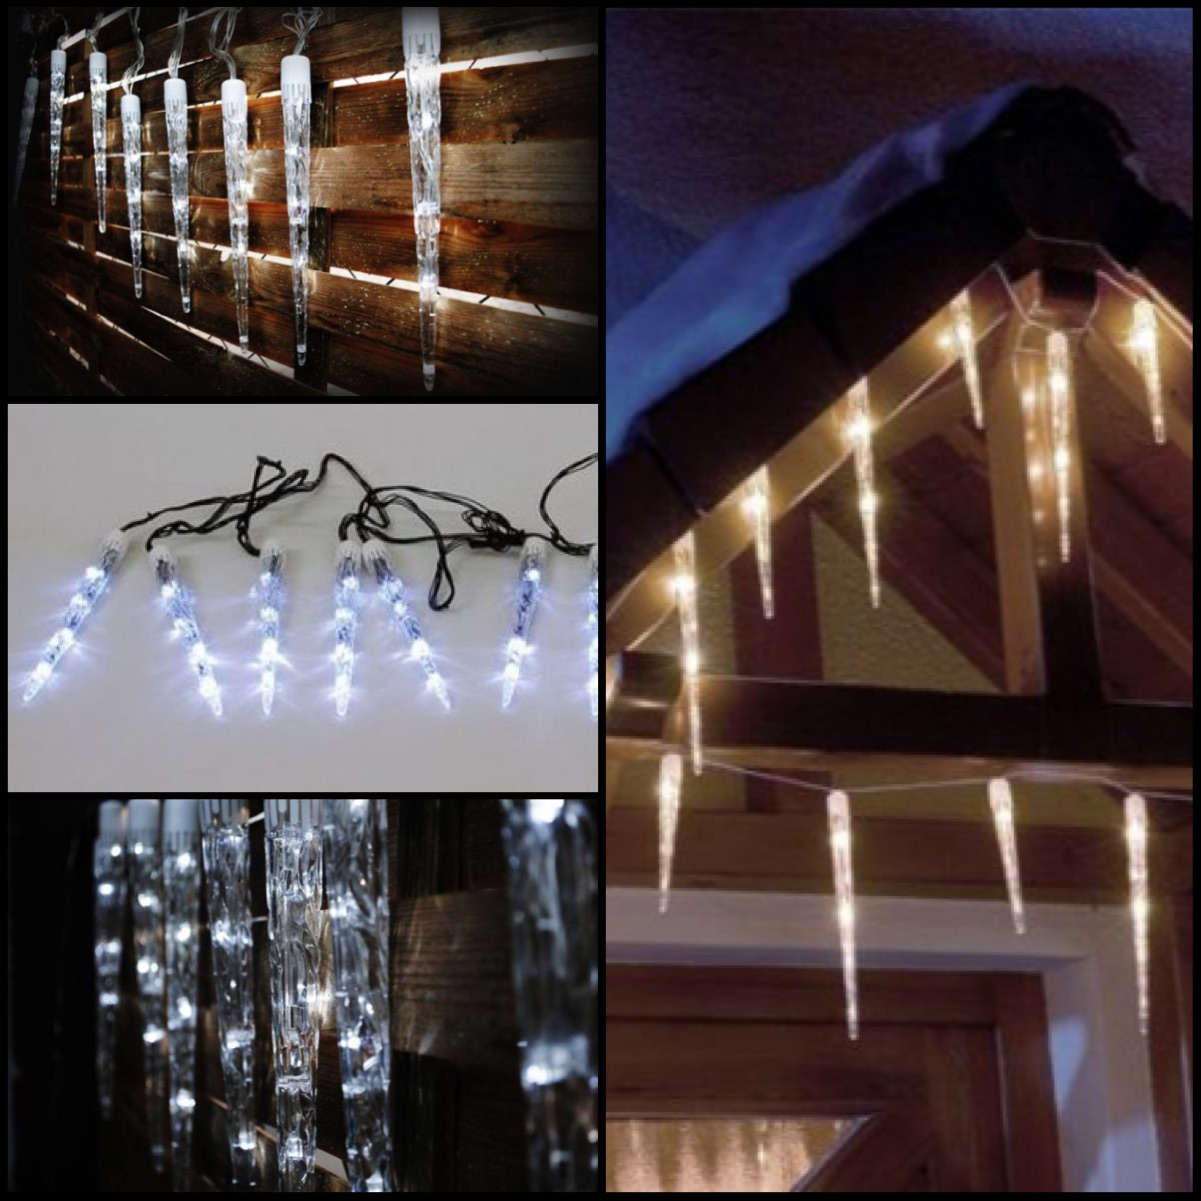 Vánoční osvětlení patří nejen do interiéru. Ozdobit si lze i venkovní stromek nebo celý dům.